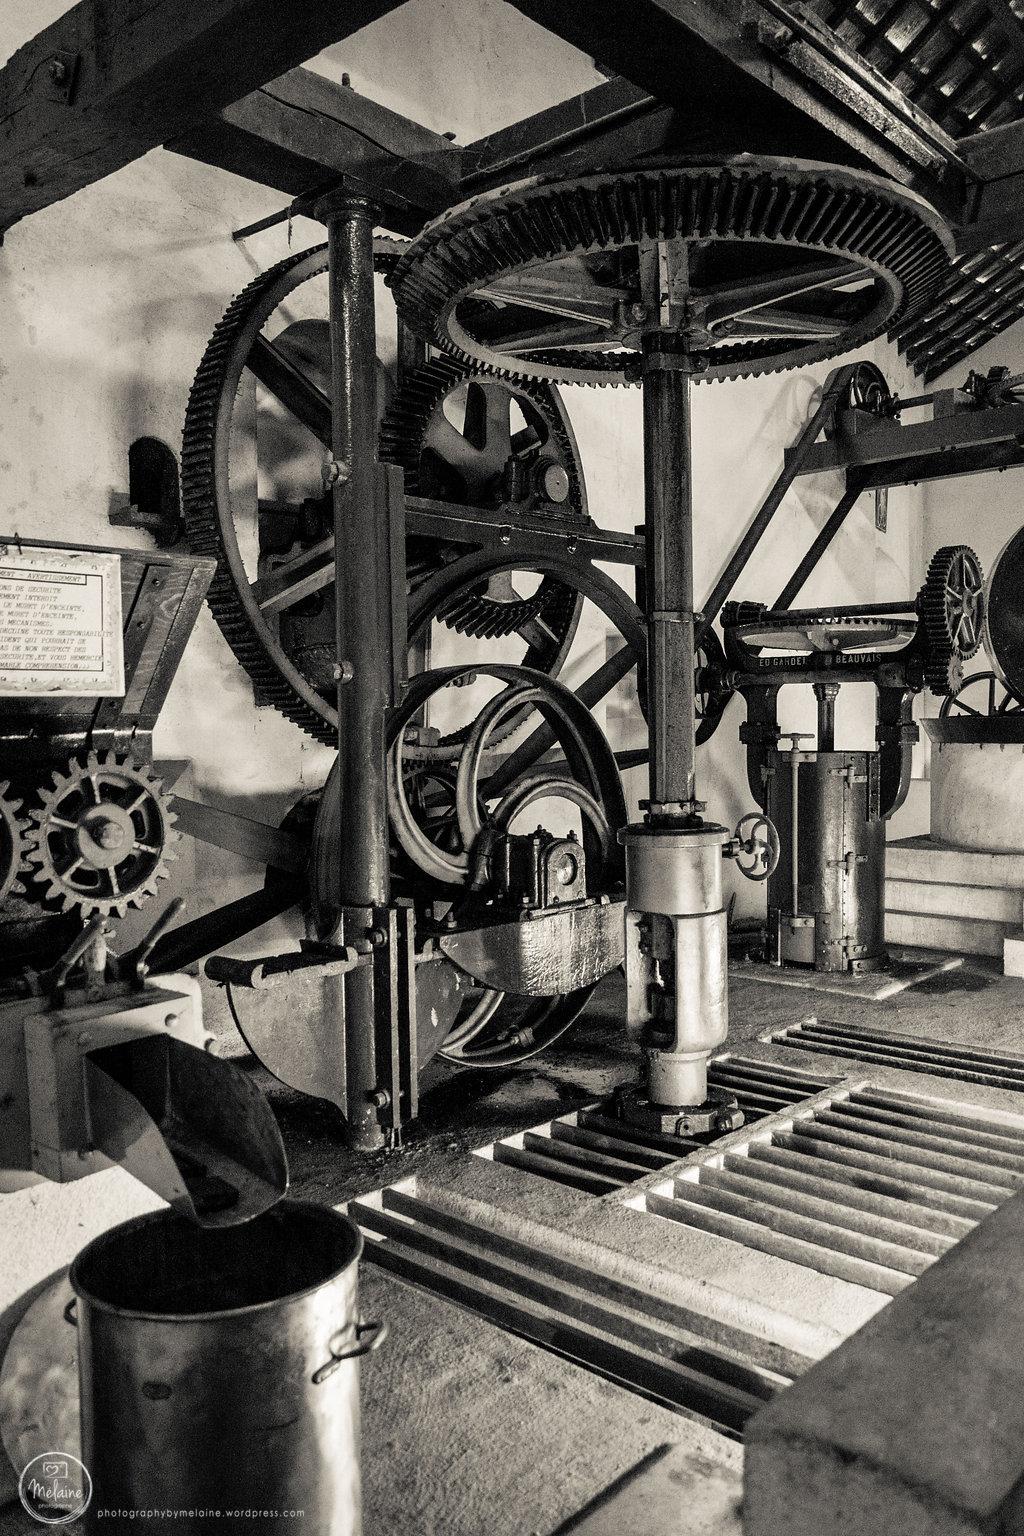 Musée Maurice Dufresne – Moulin de Marnay